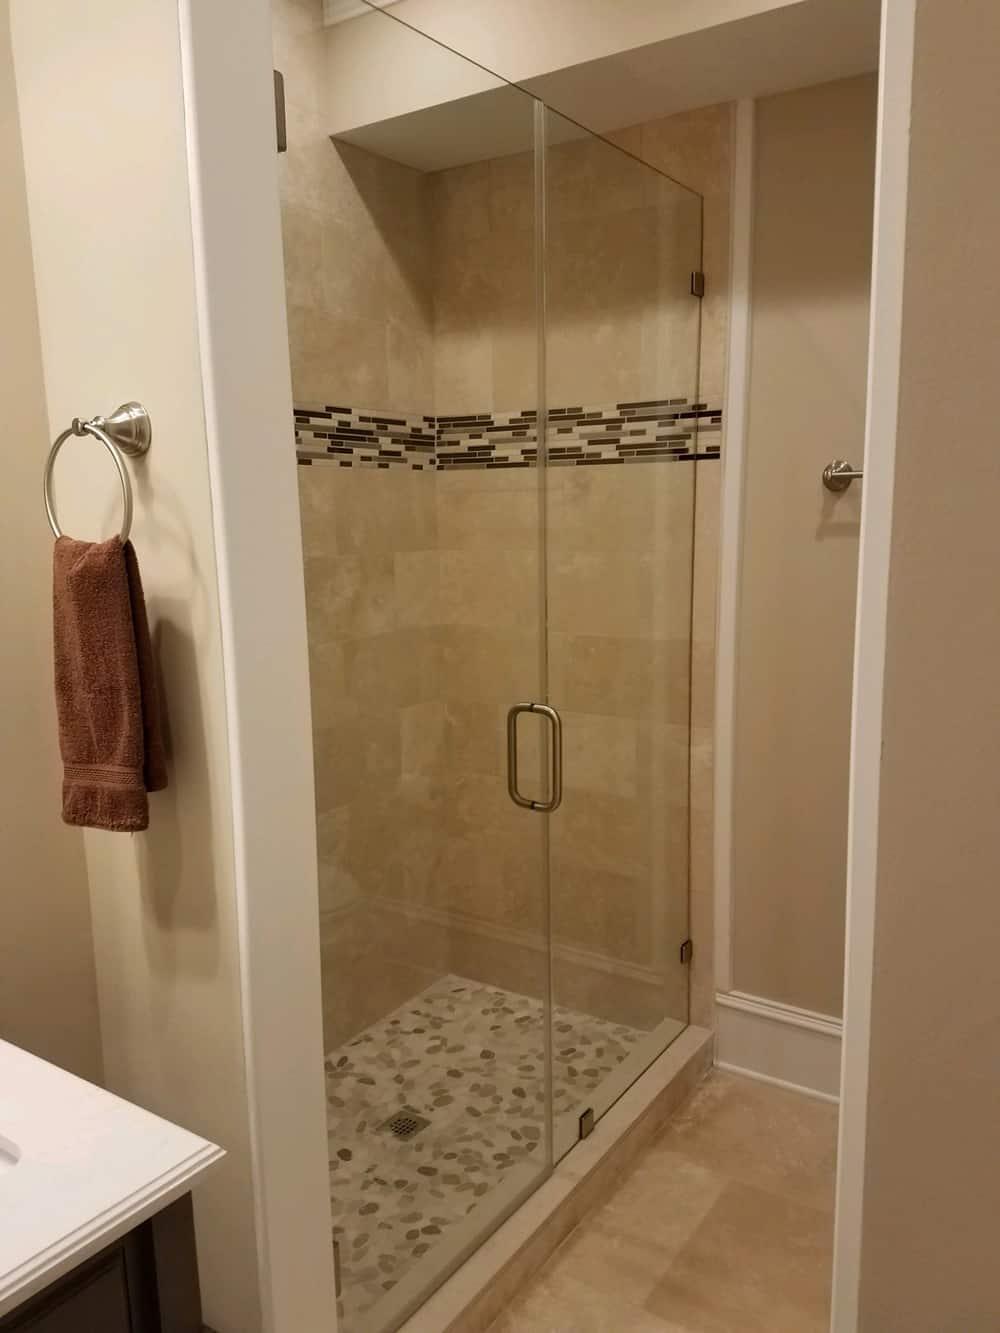 Shower Doors | Frameless, Semi-Frameless, & Custom Glass